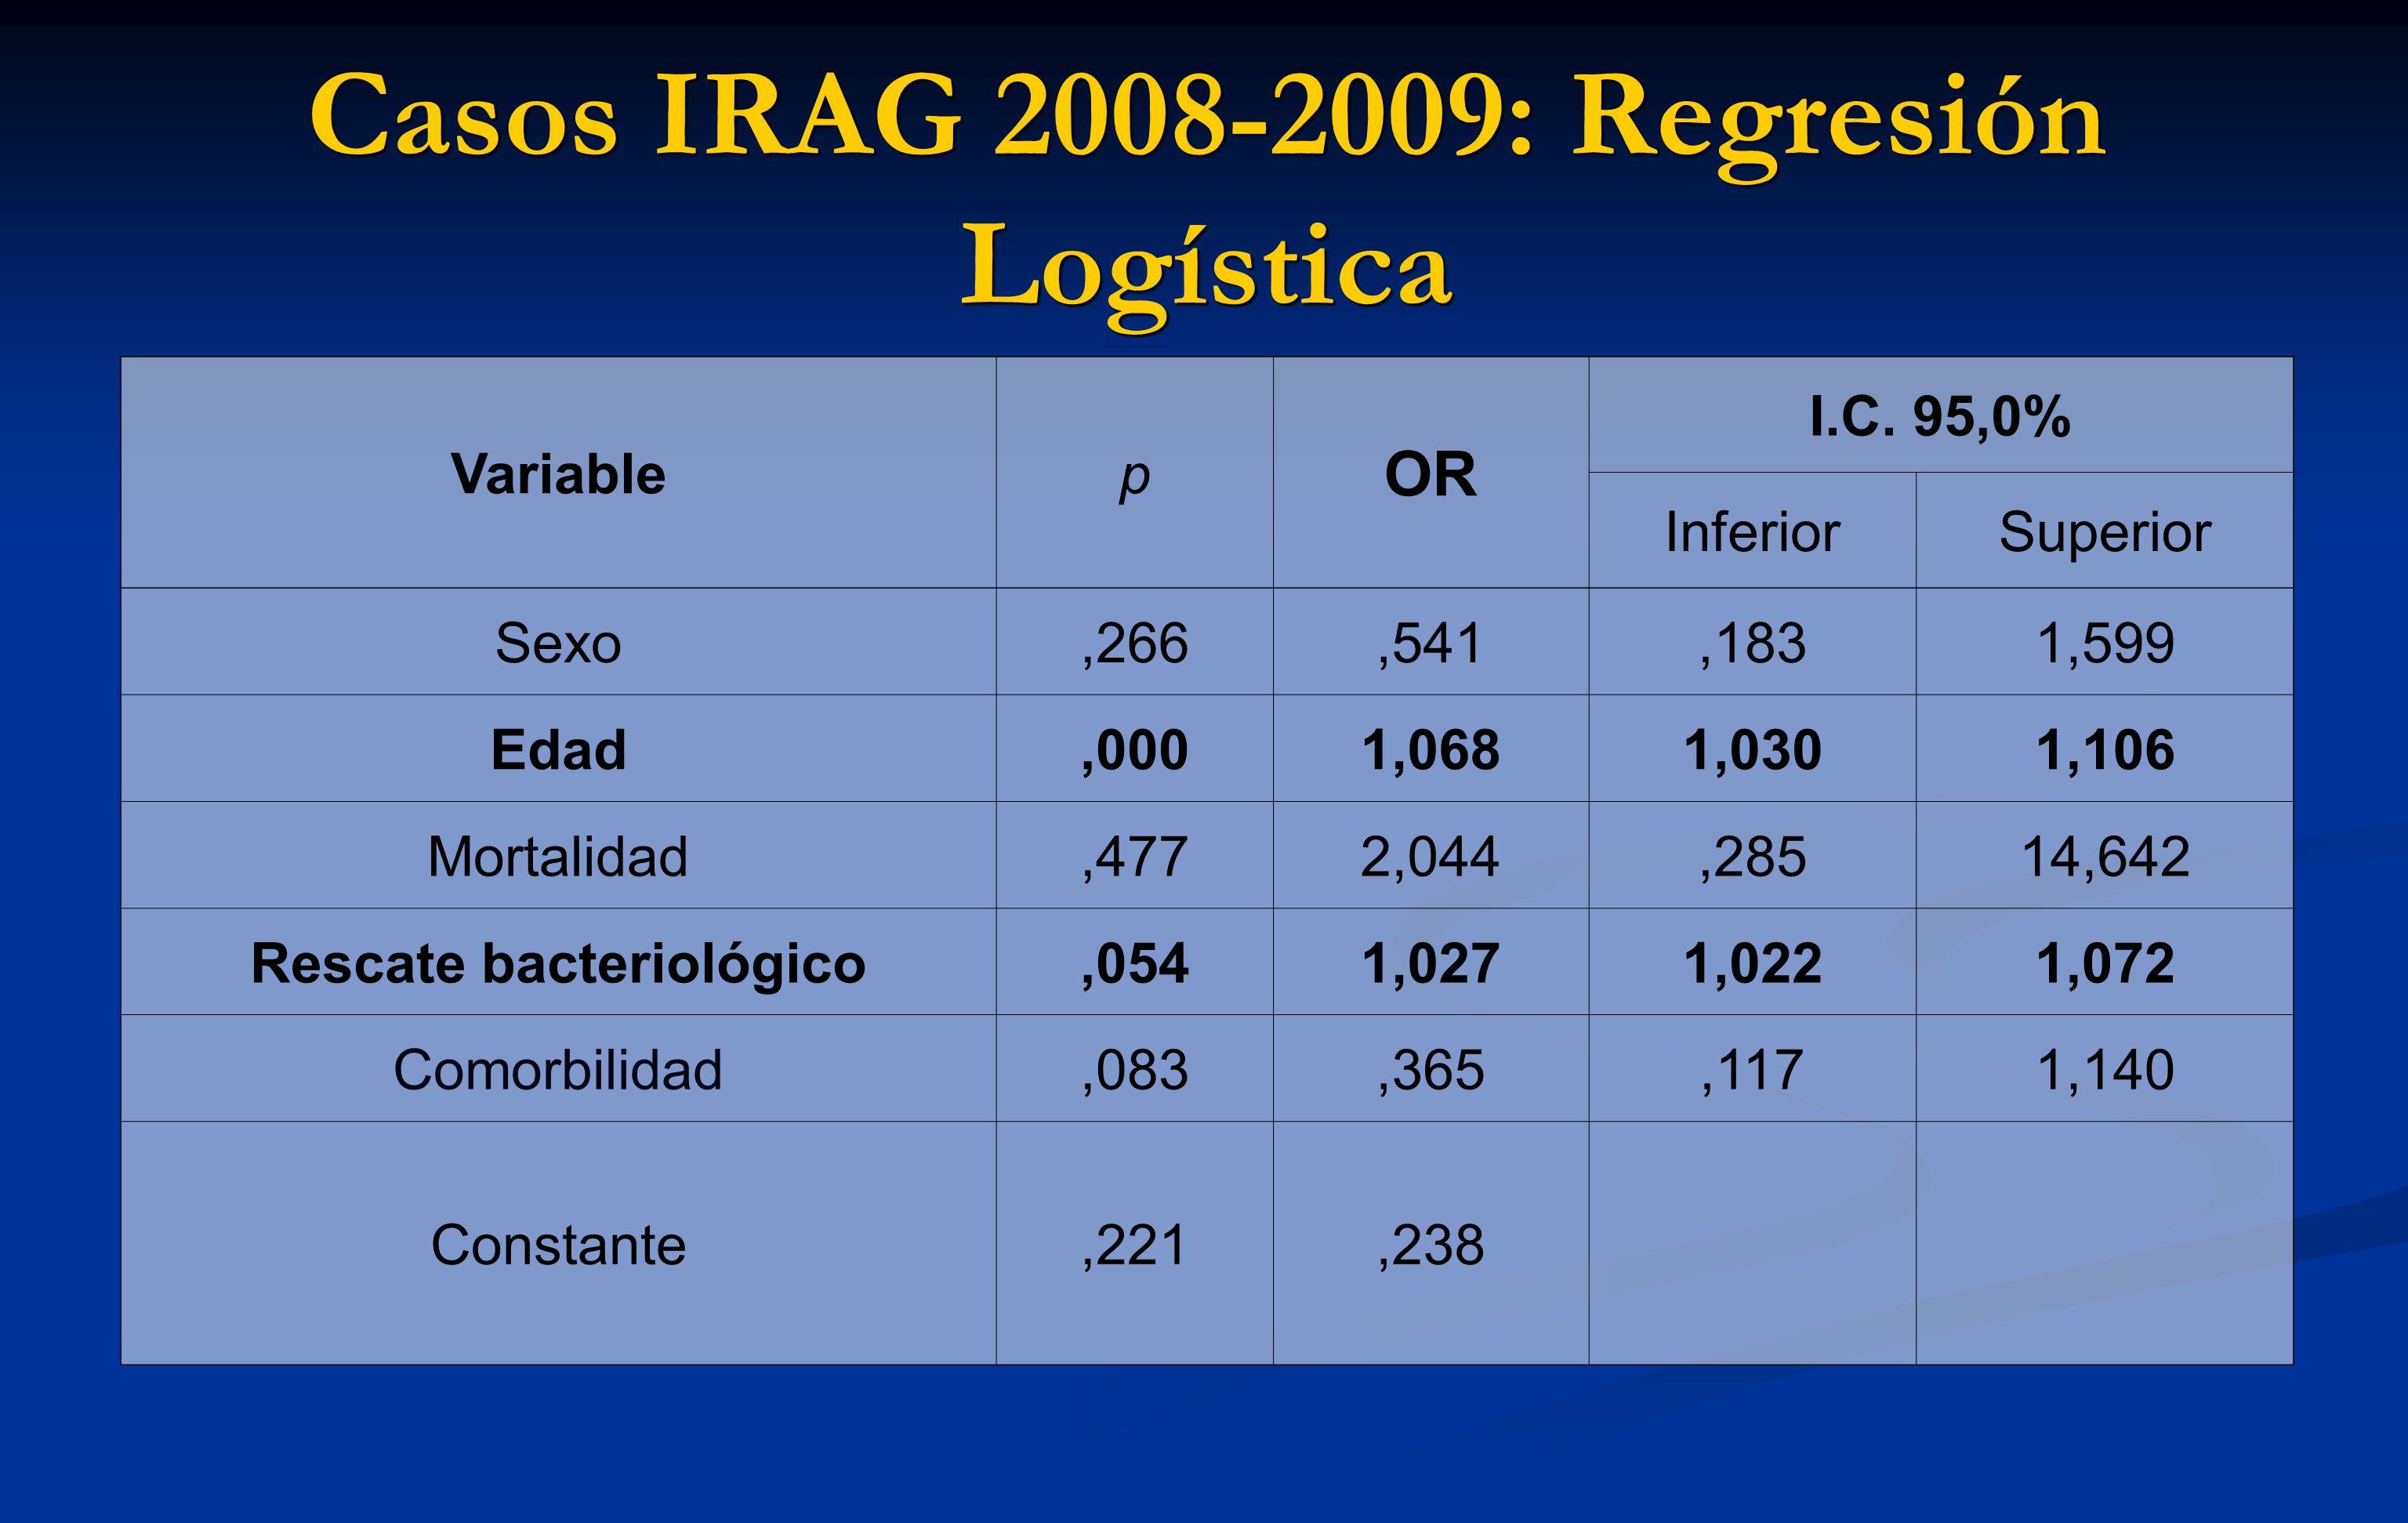 Casos IRAG 2008-2009: Regresión Logística